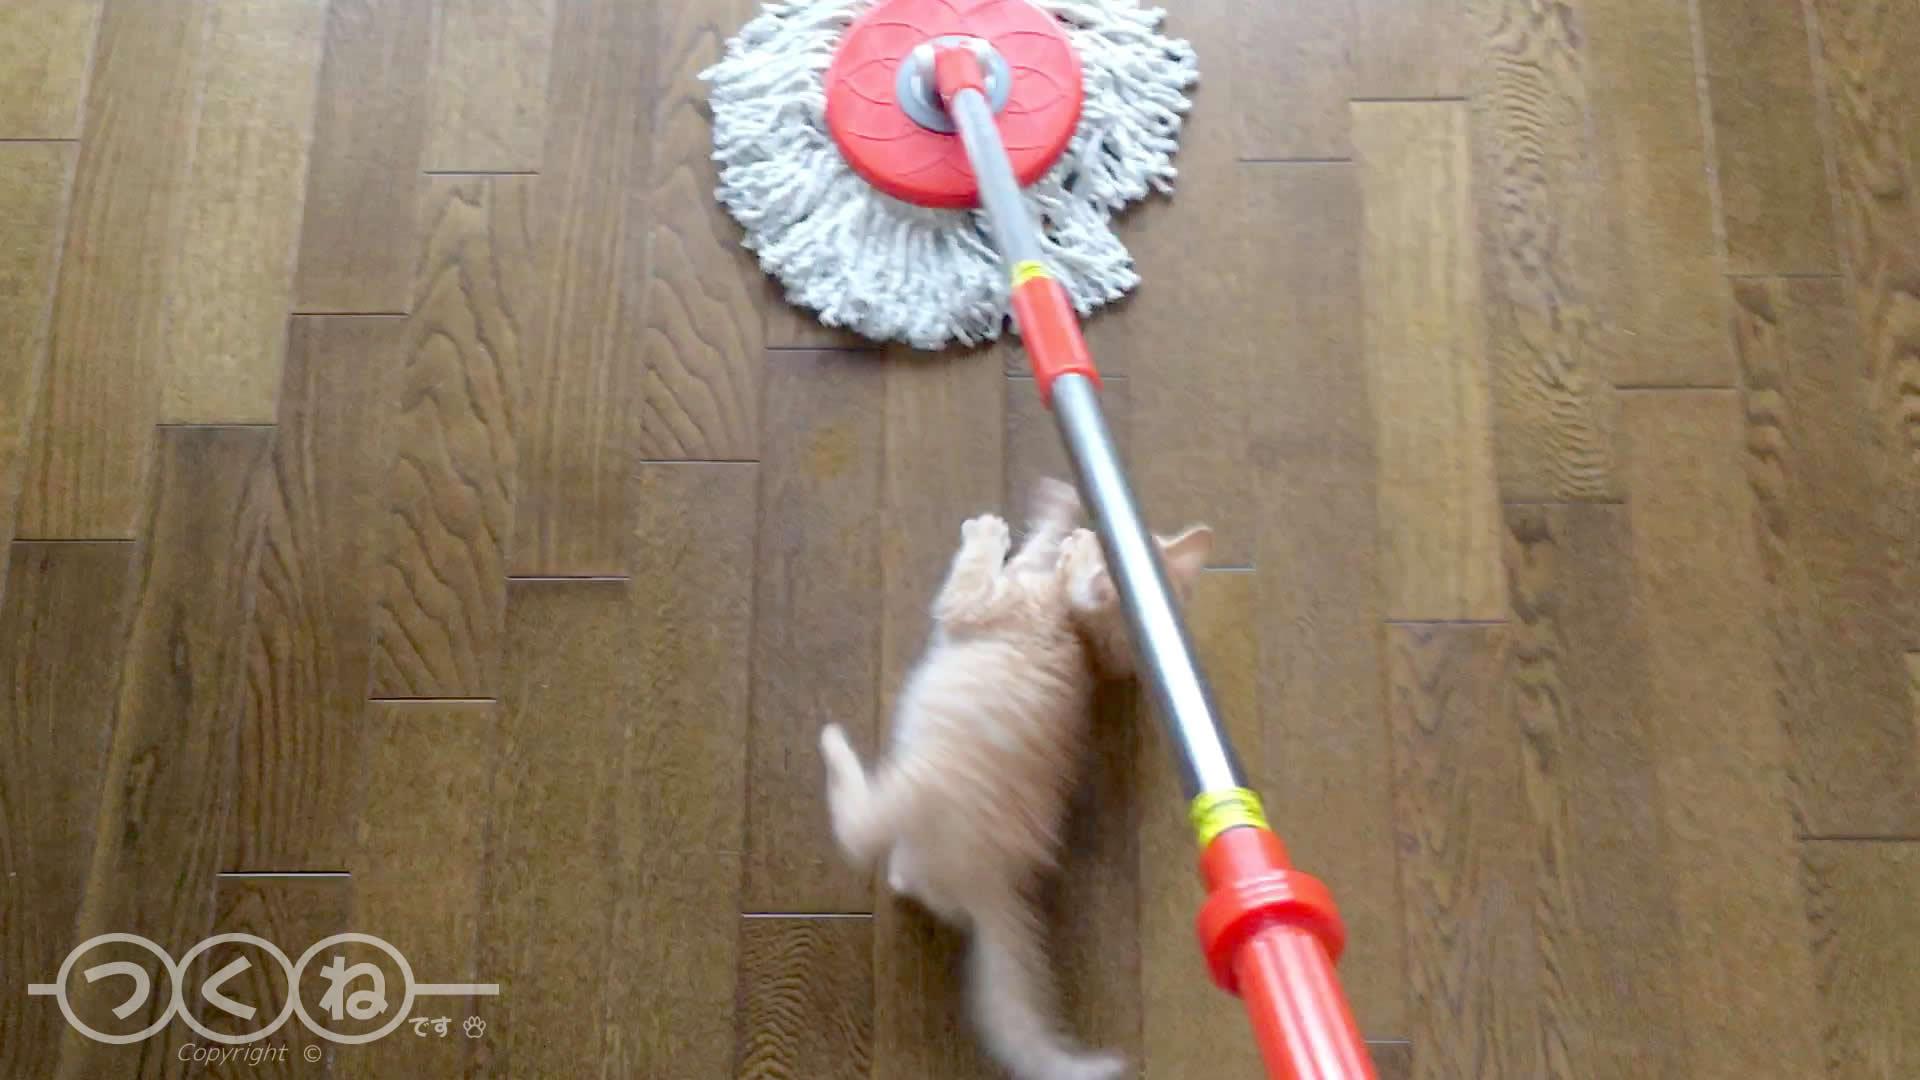 回転モップに立ち向かう子猫